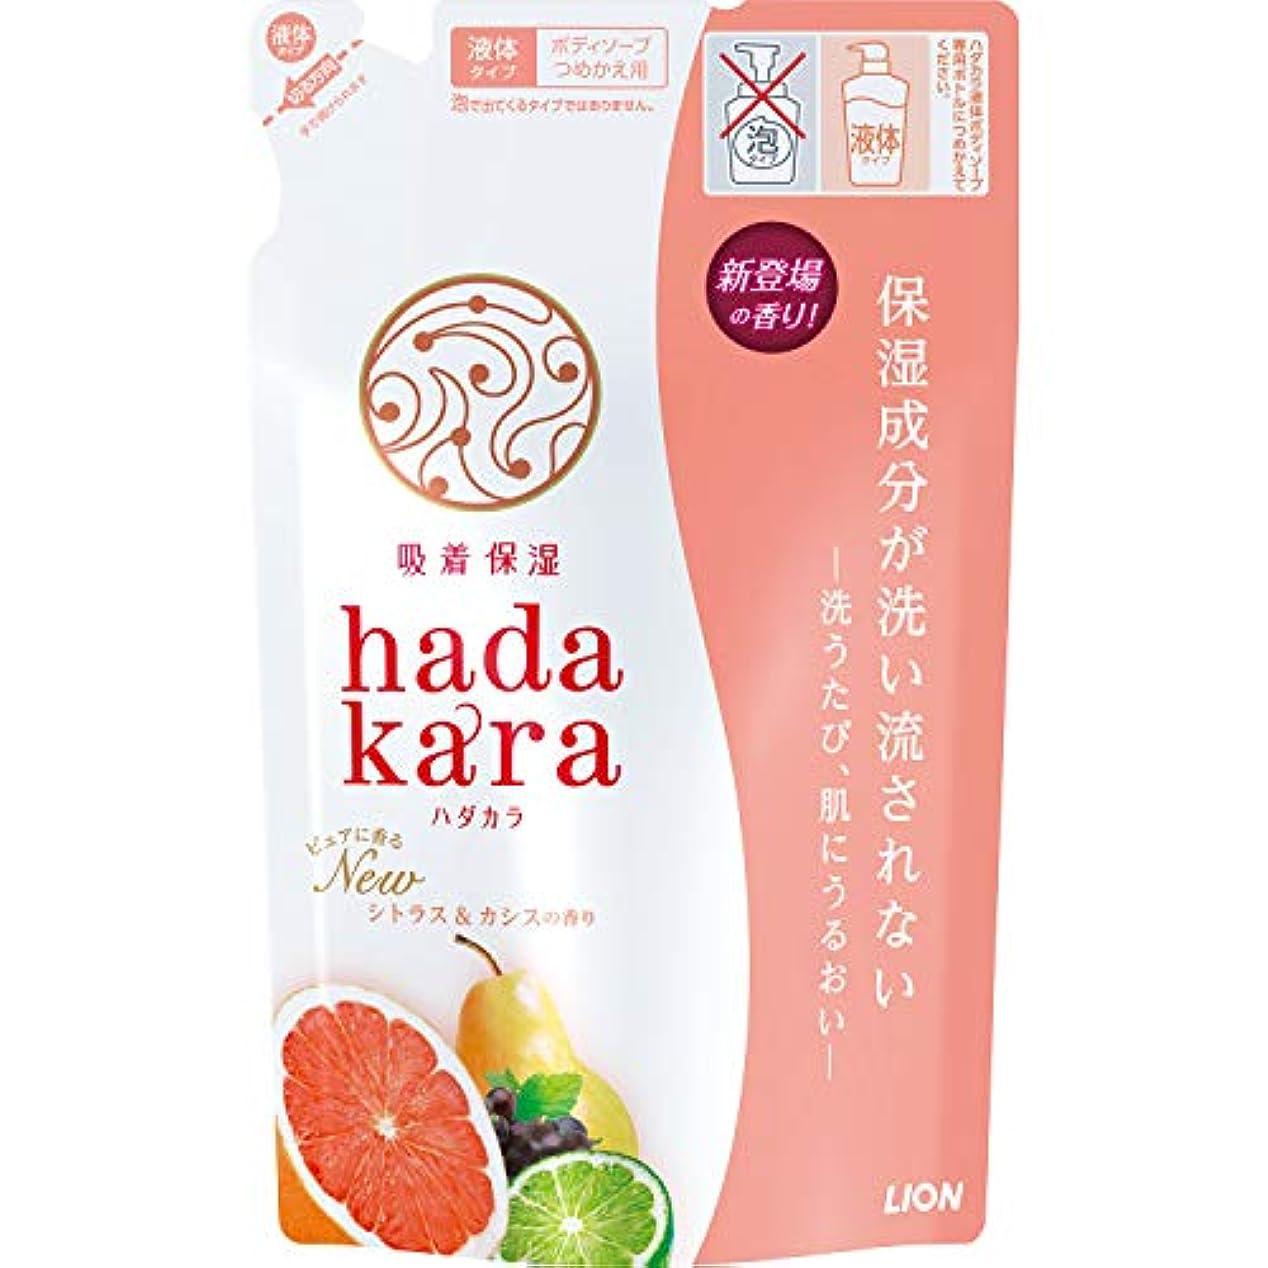 バンドポーン魔法hadakara(ハダカラ)ボディソープ シトラス&カシスの香り つめかえ 360ml